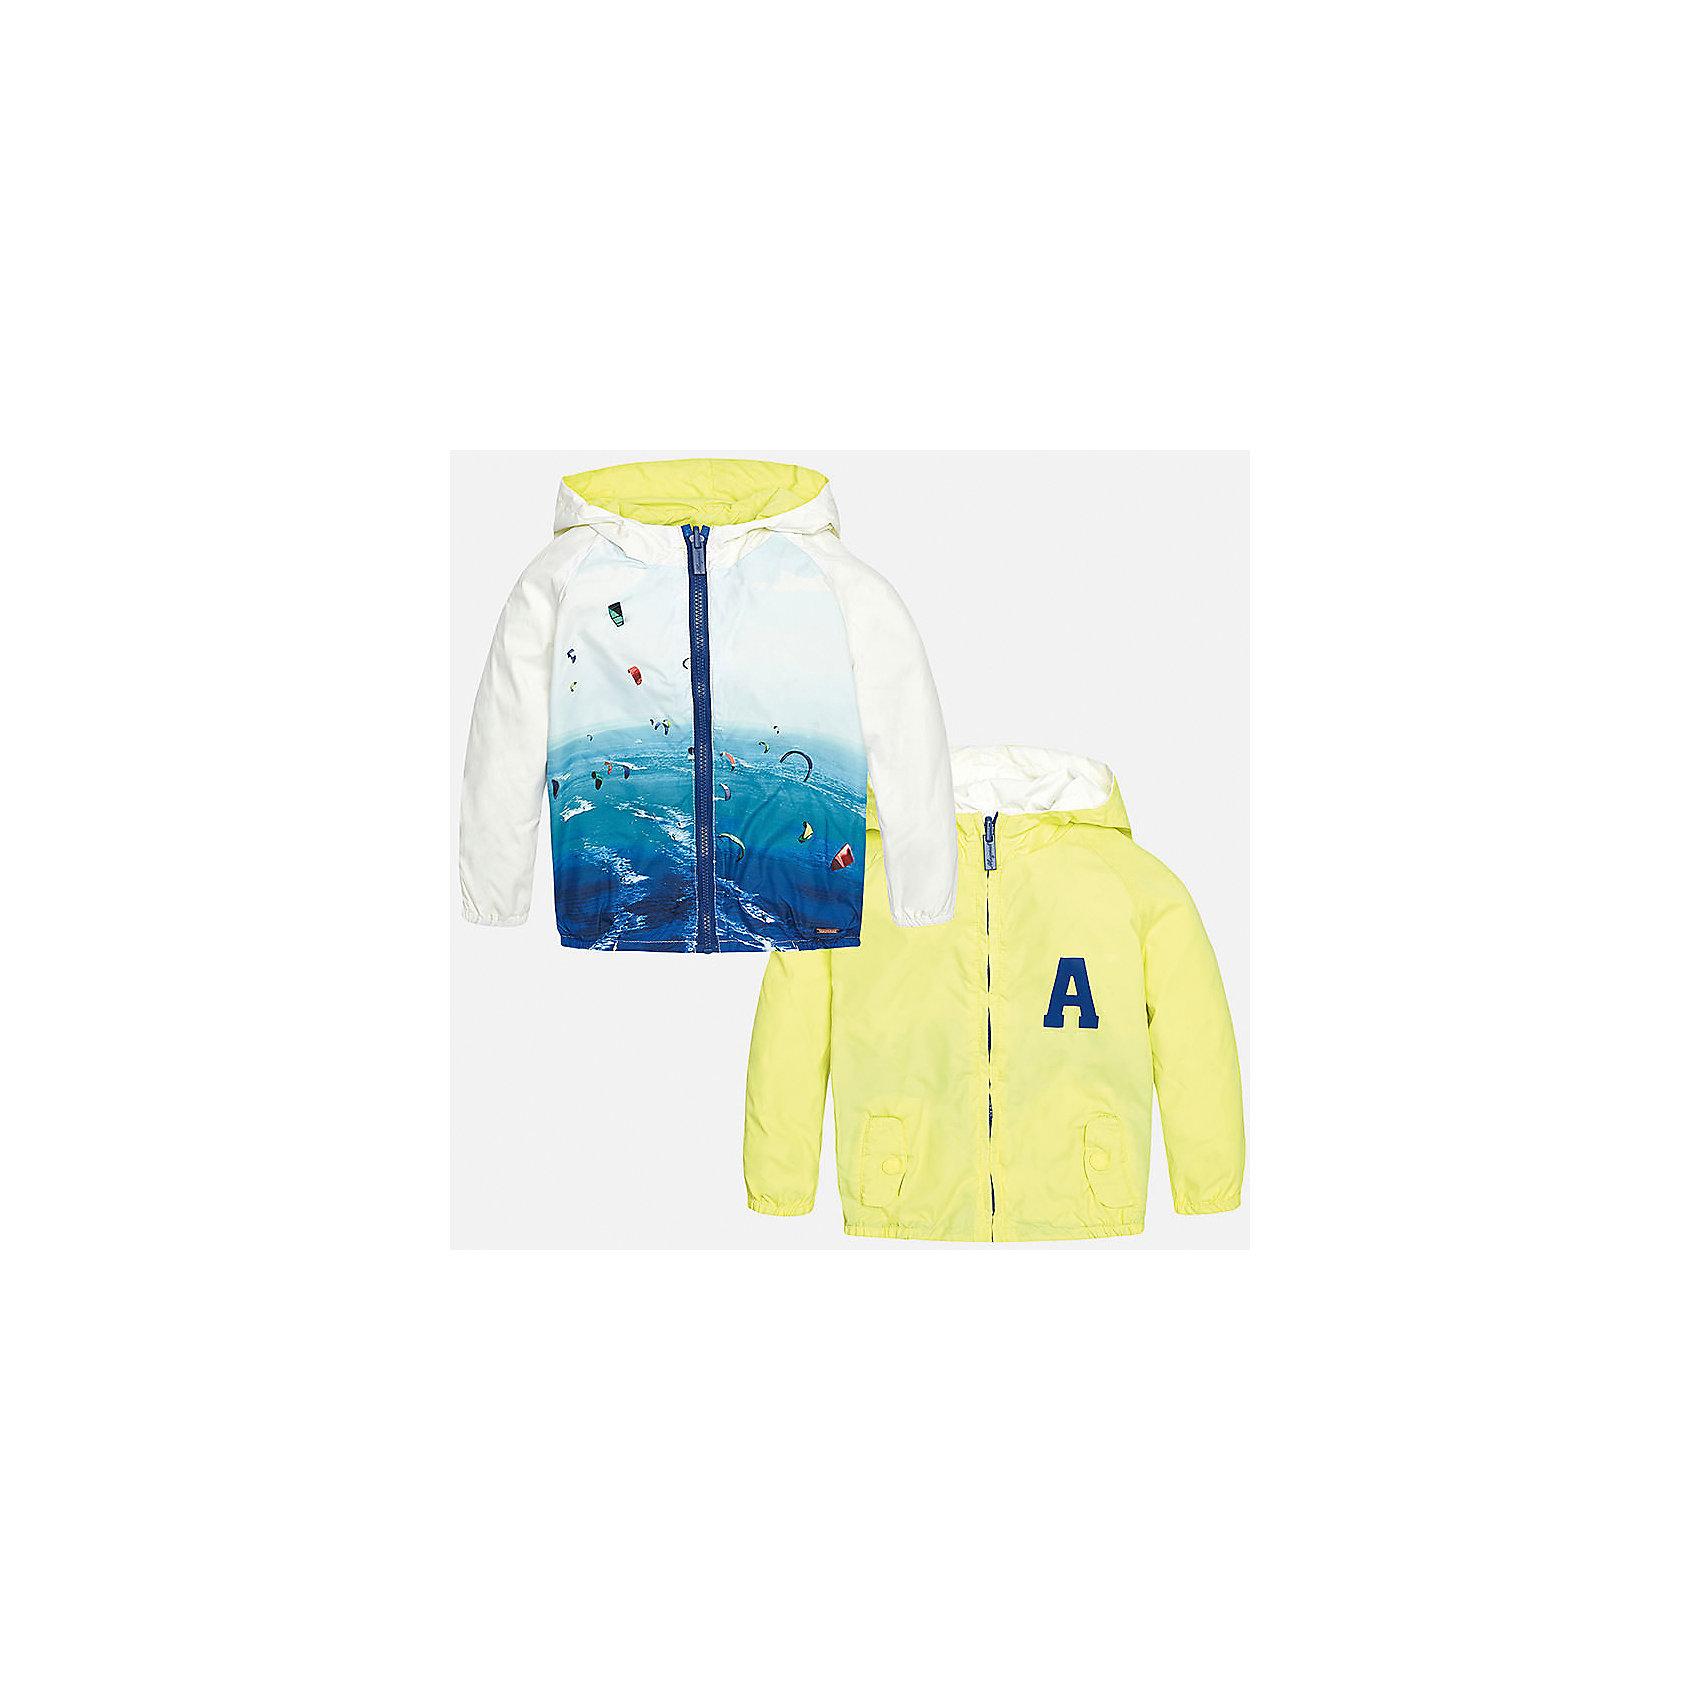 Ветровка двухсторонняя для мальчика MayoralВерхняя одежда<br>Характеристики товара:<br><br>• цвет: желтый/белый/голубой<br>• состав: 100% полиэстер, подкладка - 100% полиэстер<br>• двусторонняя<br>• карманы<br>• молния<br>• капюшон<br>• страна бренда: Испания<br><br>Легкая ветровка для мальчика поможет разнообразить гардероб ребенка и обеспечить тепло в прохладную погоду. Эта ветровка - два в одном: стоит её вывернуть - и появляется еще одна курточка другой расцветки. Она отлично сочетается и с джинсами, и с брюками. Универсальный цвет позволяет подобрать к вещи низ различных расцветок. Интересная отделка модели делает её нарядной и оригинальной. <br><br>Одежда, обувь и аксессуары от испанского бренда Mayoral полюбились детям и взрослым по всему миру. Модели этой марки - стильные и удобные. Для их производства используются только безопасные, качественные материалы и фурнитура. Порадуйте ребенка модными и красивыми вещами от Mayoral! <br><br>Ветровку для мальчика от испанского бренда Mayoral (Майорал) можно купить в нашем интернет-магазине.<br><br>Ширина мм: 356<br>Глубина мм: 10<br>Высота мм: 245<br>Вес г: 519<br>Цвет: желтый<br>Возраст от месяцев: 18<br>Возраст до месяцев: 24<br>Пол: Мужской<br>Возраст: Детский<br>Размер: 92,86,80<br>SKU: 5279624